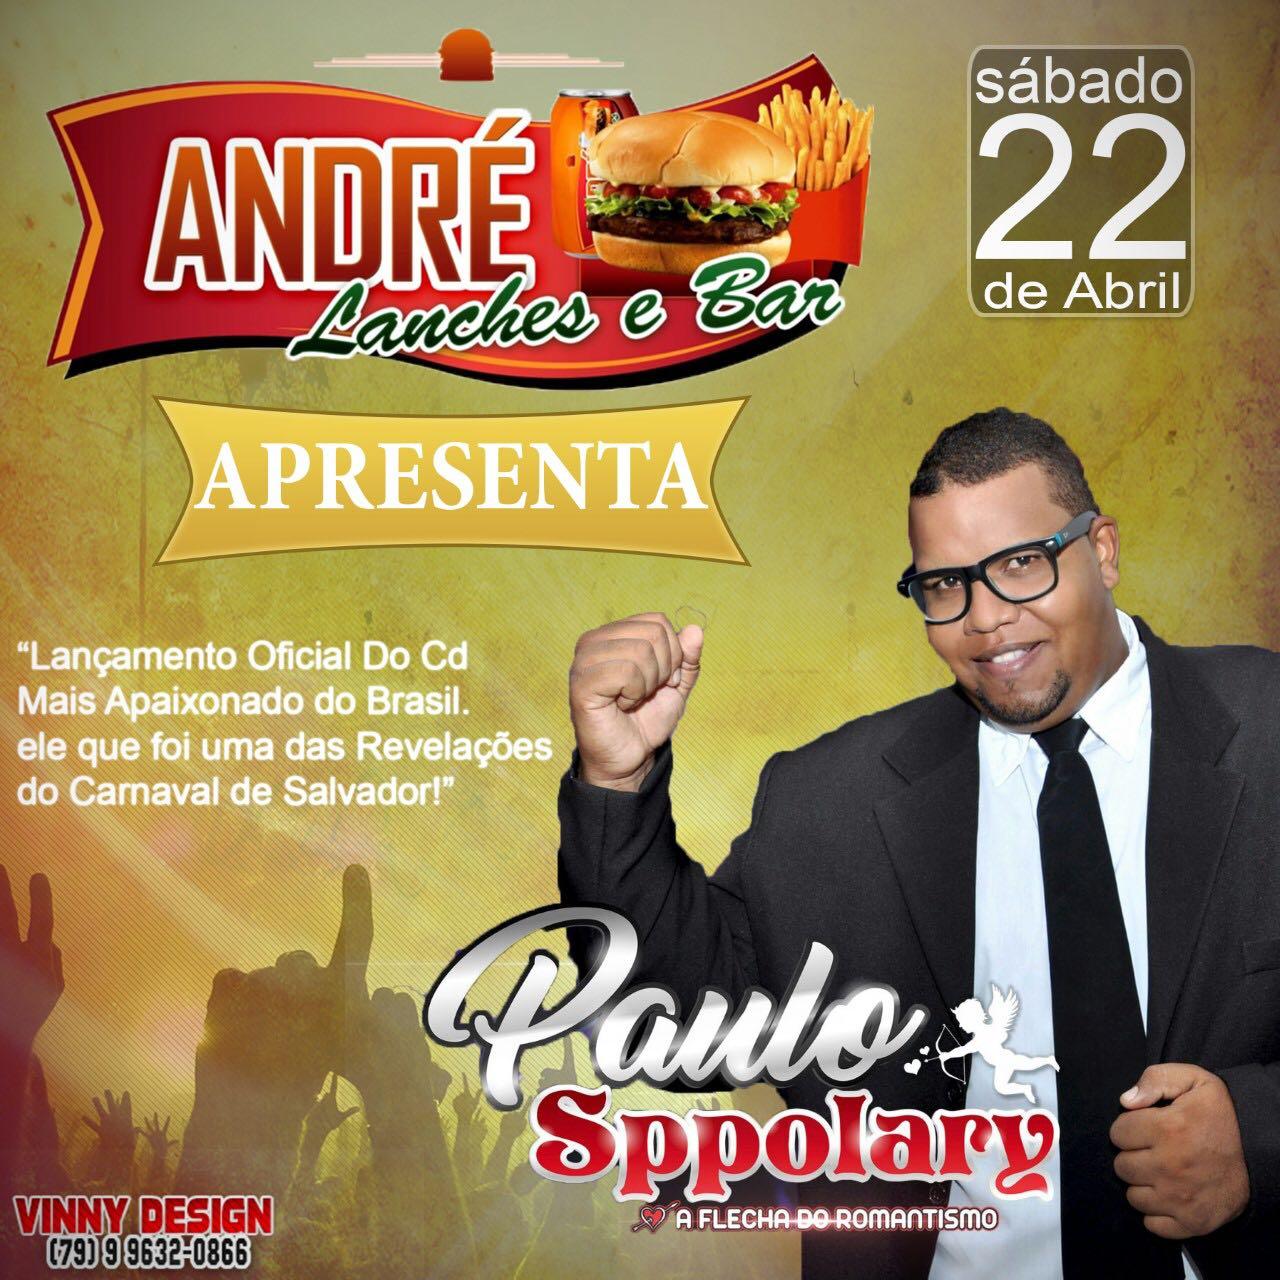 CANTOR PAULO SPPOLARY LANÇA SEU CD, NESTE SÁBADO, EM ANDRÉ LANCHES